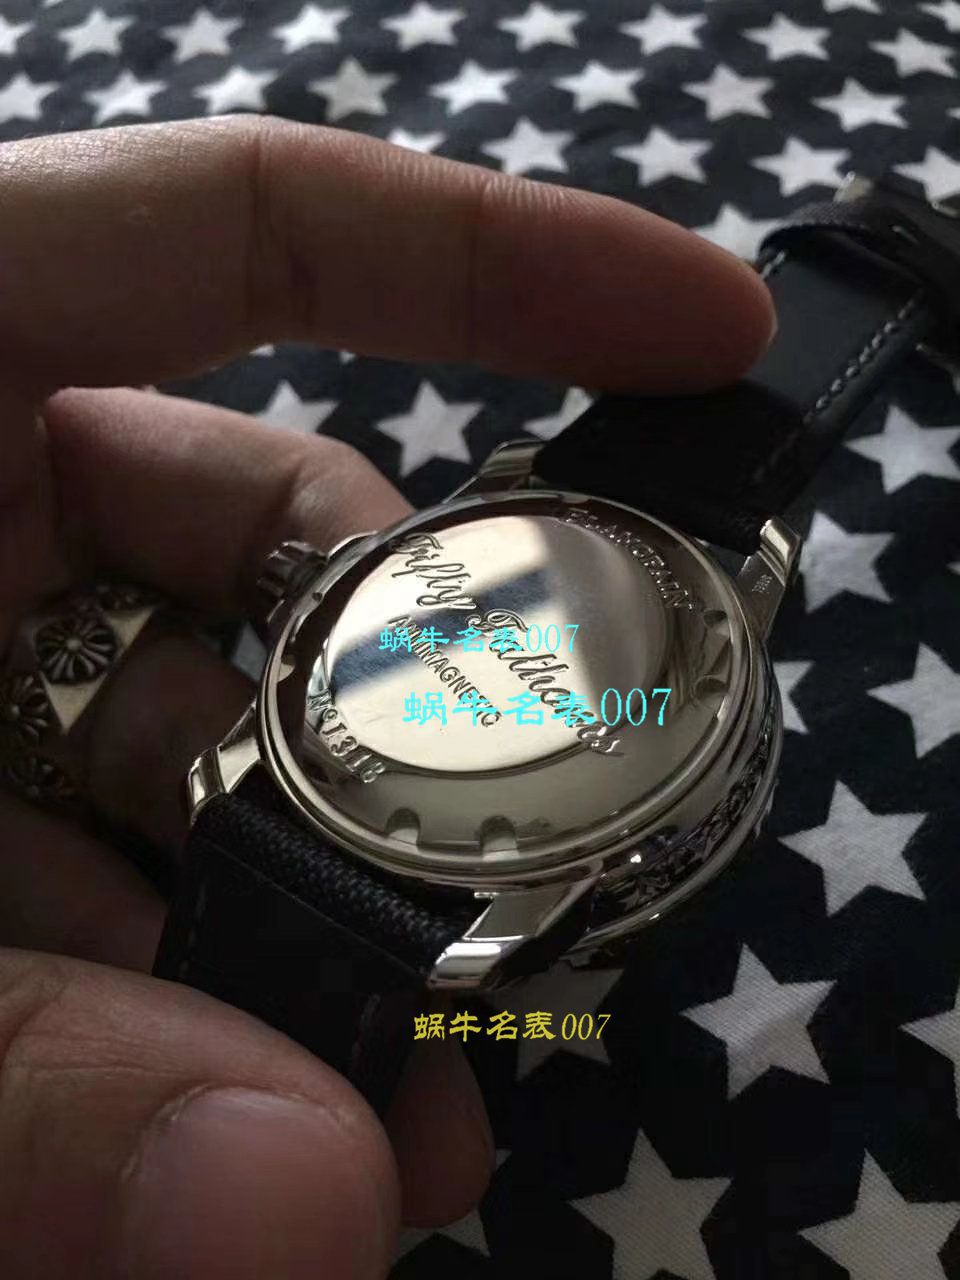 【视频评测ZF厂宝珀五十噚复刻手表】Blancpain宝珀五十噚系列 5015D-1140-52B腕表